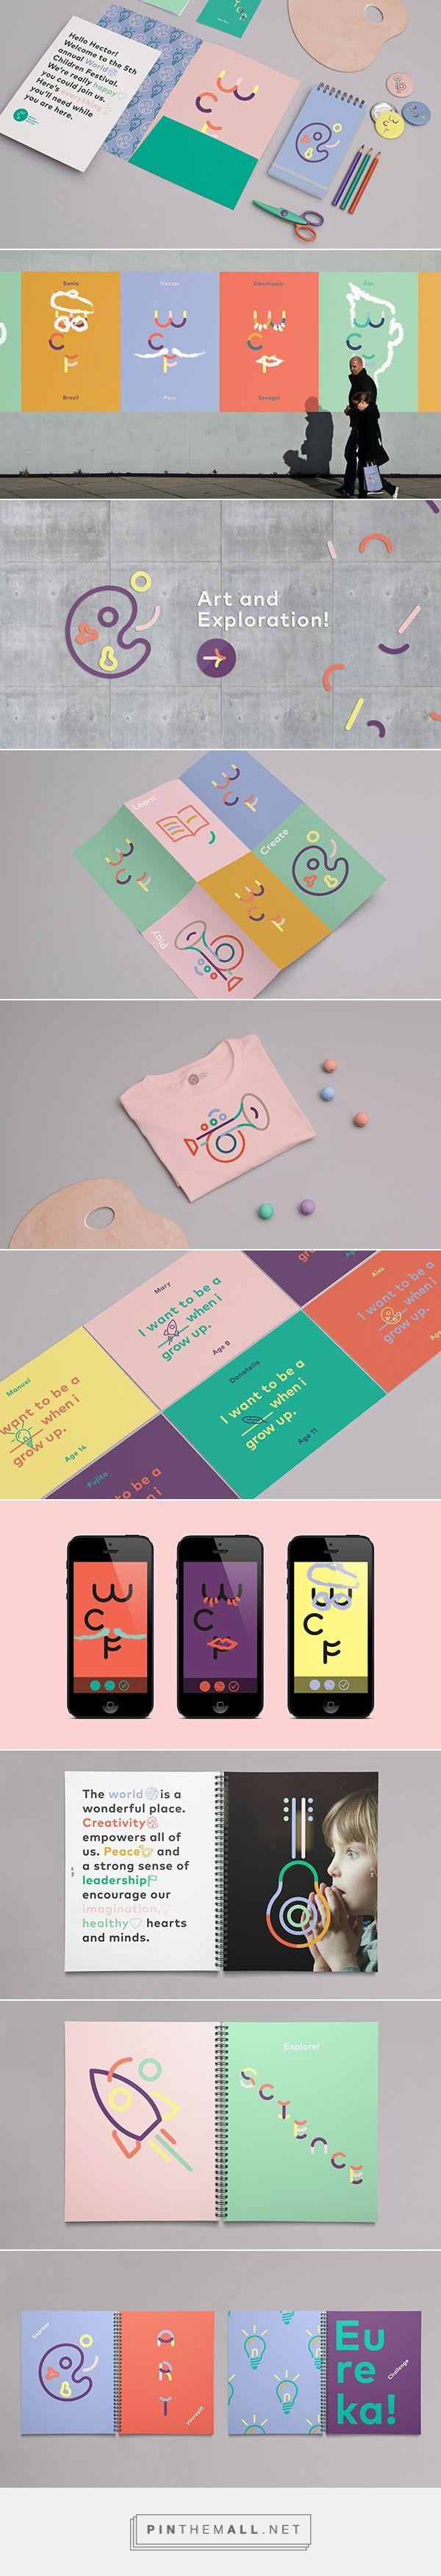 World Children's Festival on Branding Served - created via http://pinthemall.net